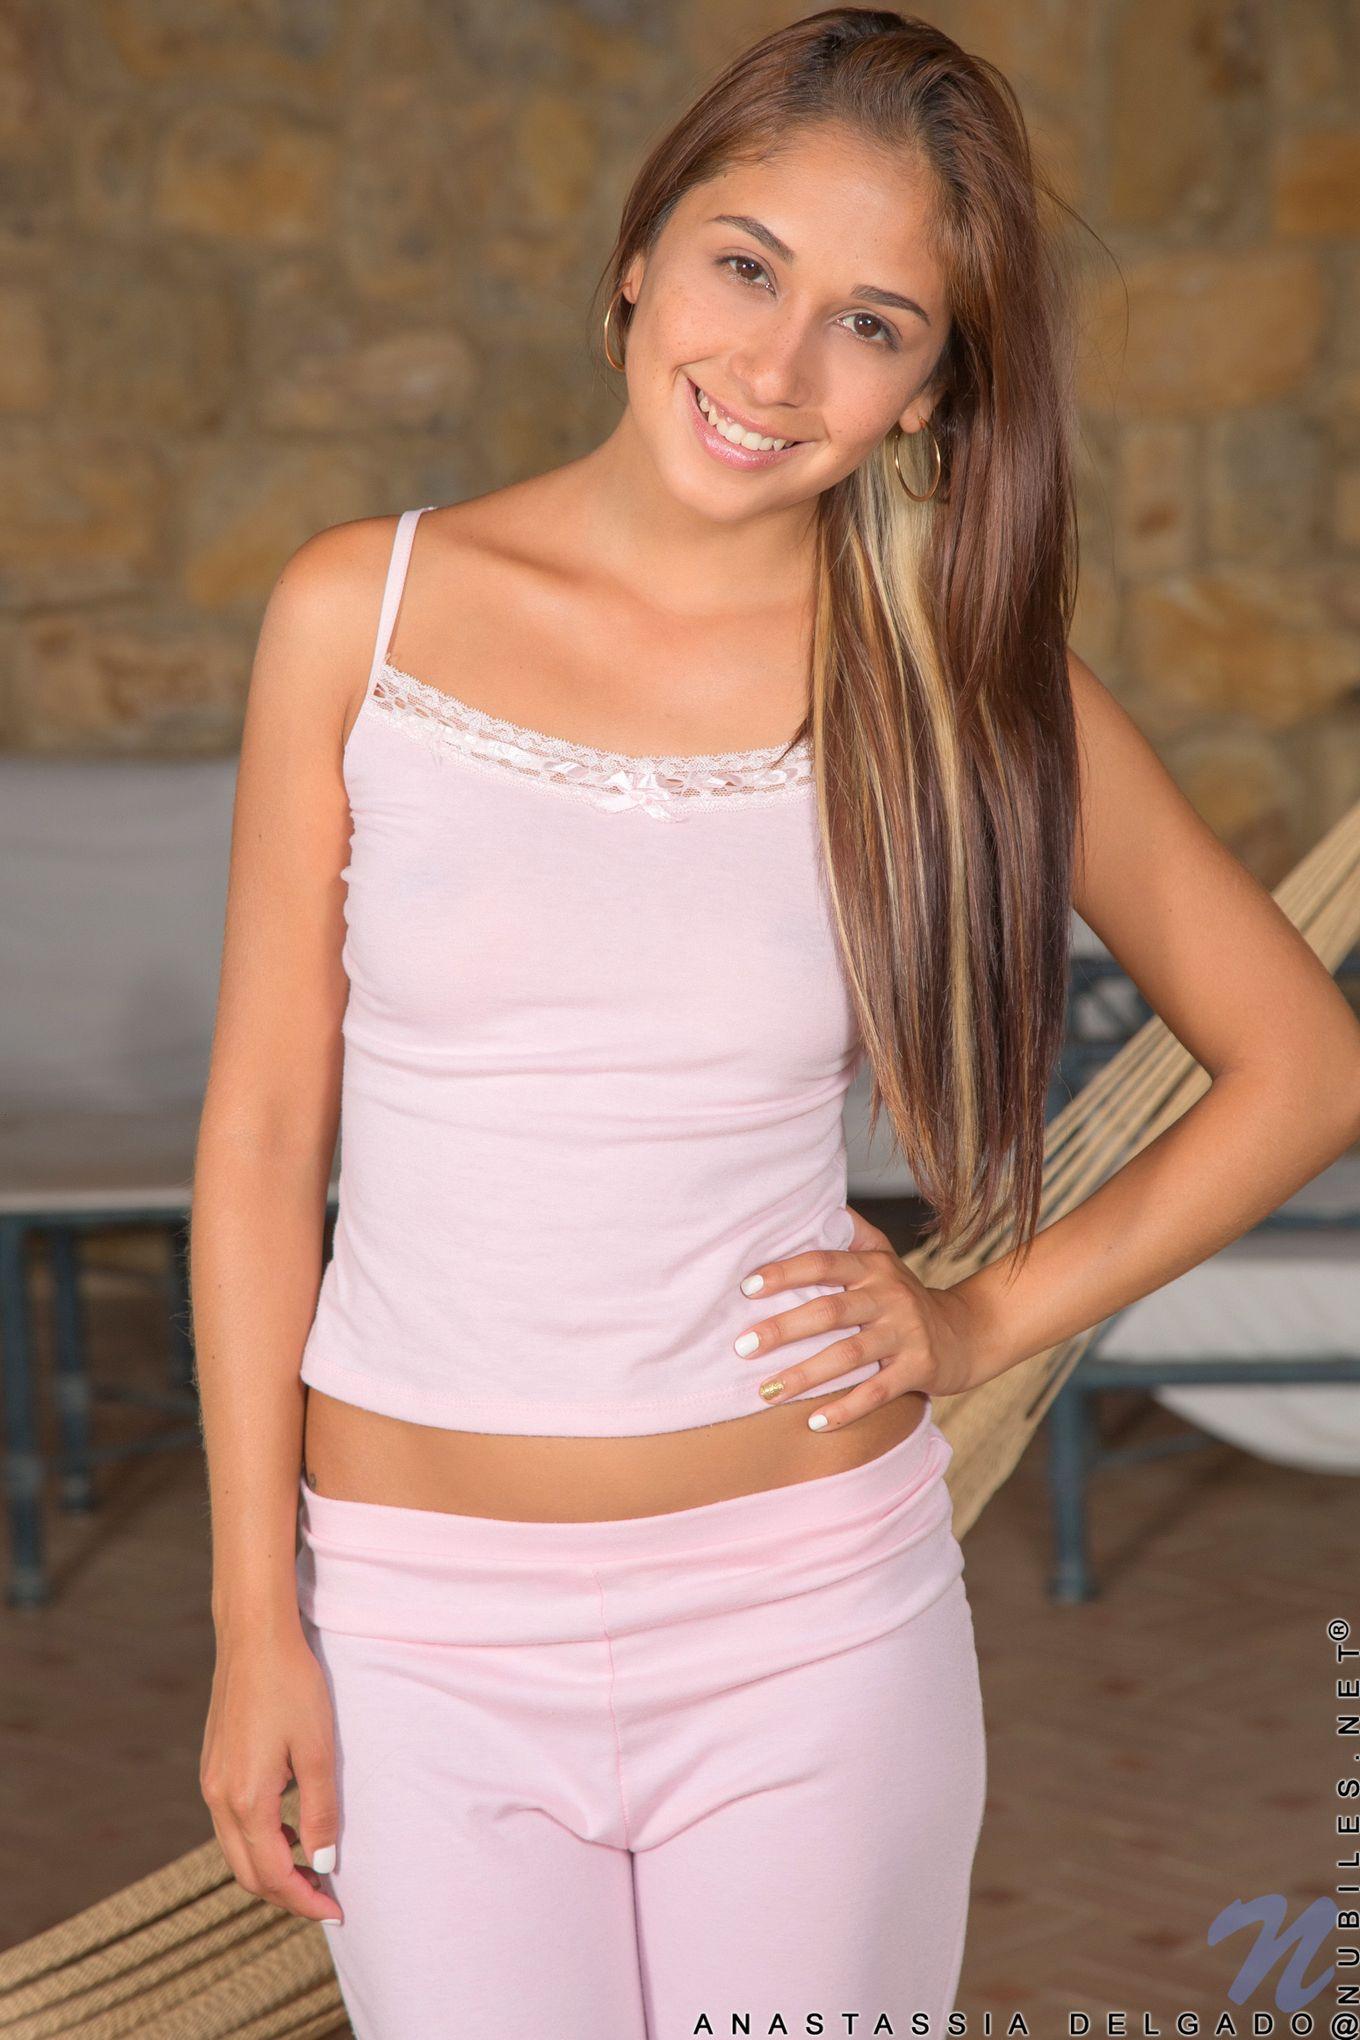 Анастасия Дельгадо -  венесуэльская топ-модель